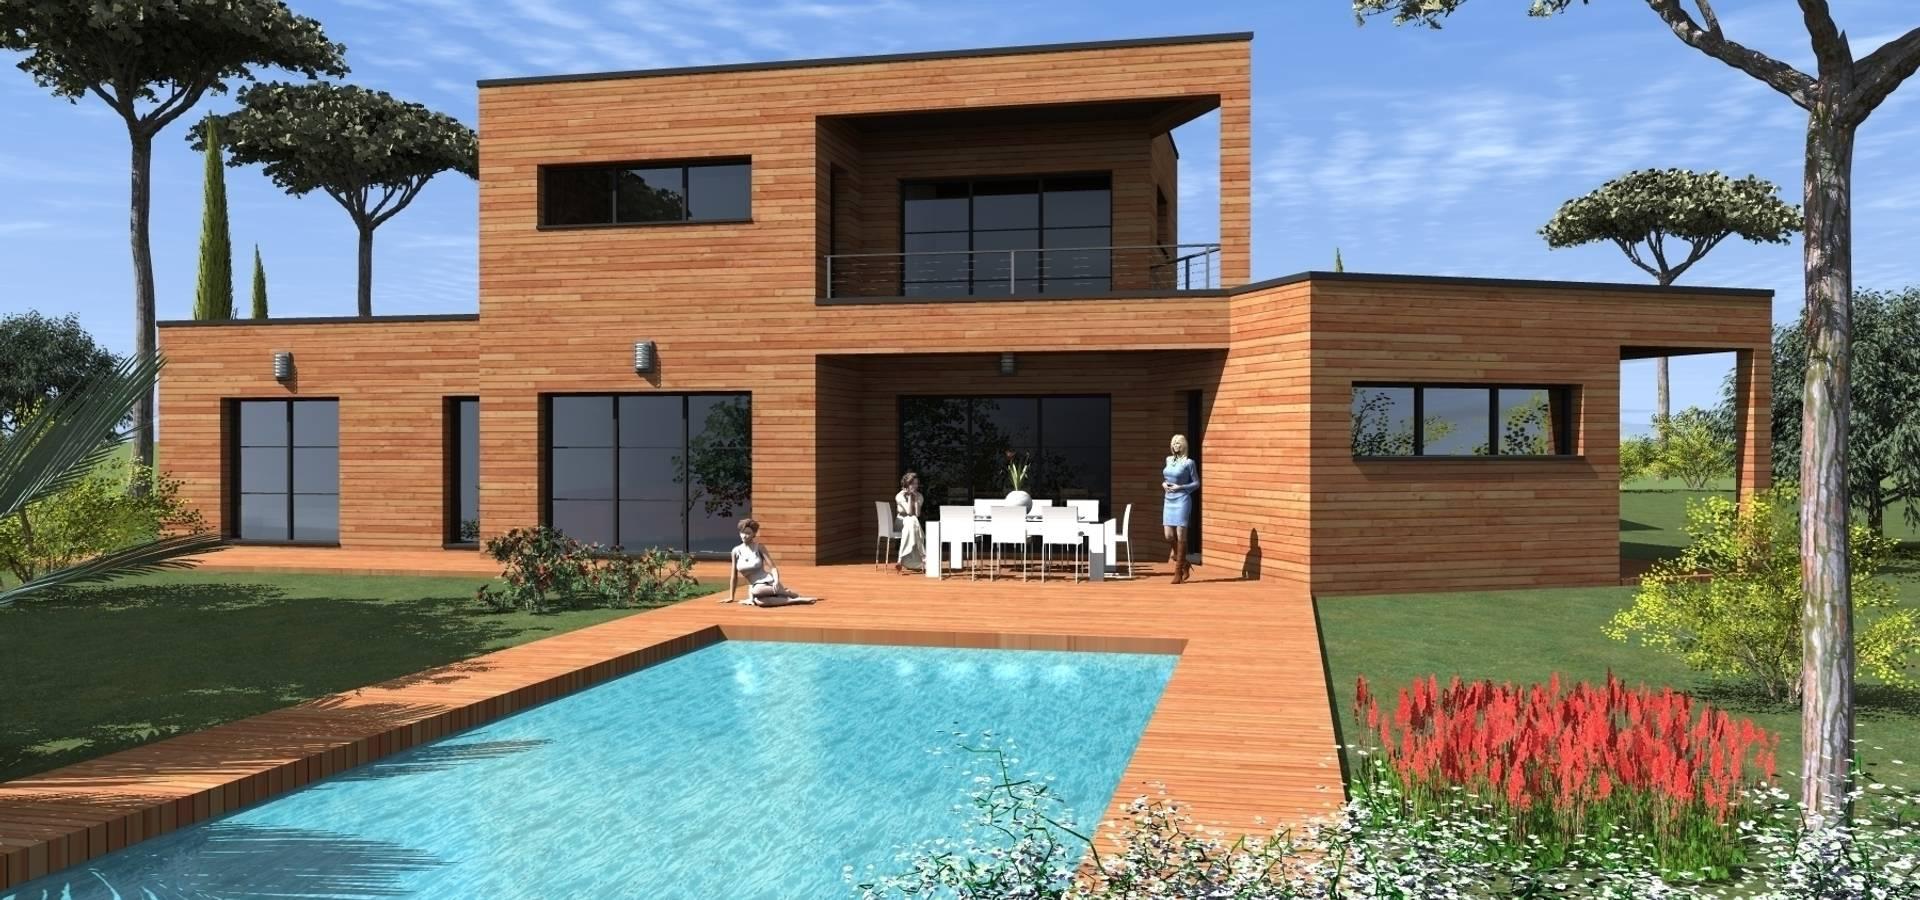 Construire online plan decima villa moderne homify for Construire online